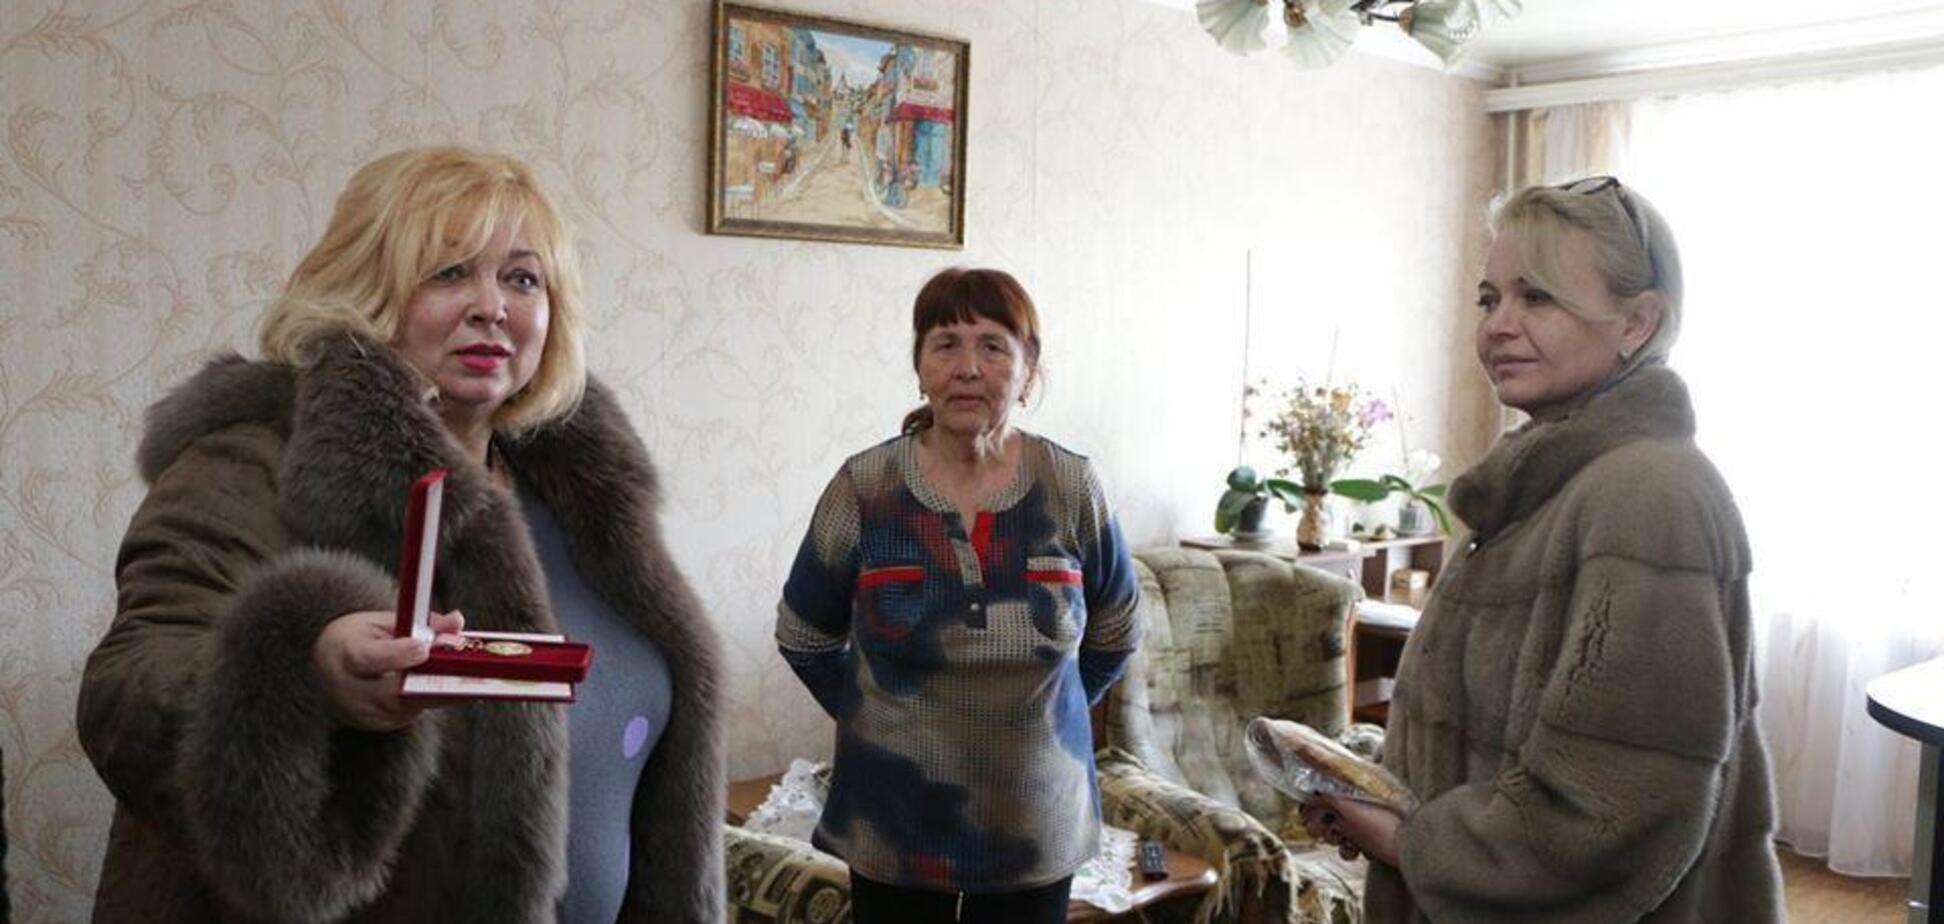 Прийшли в шубах і подарували батон: мережу шокував цинічний вчинок із пенсіонерами в Криму